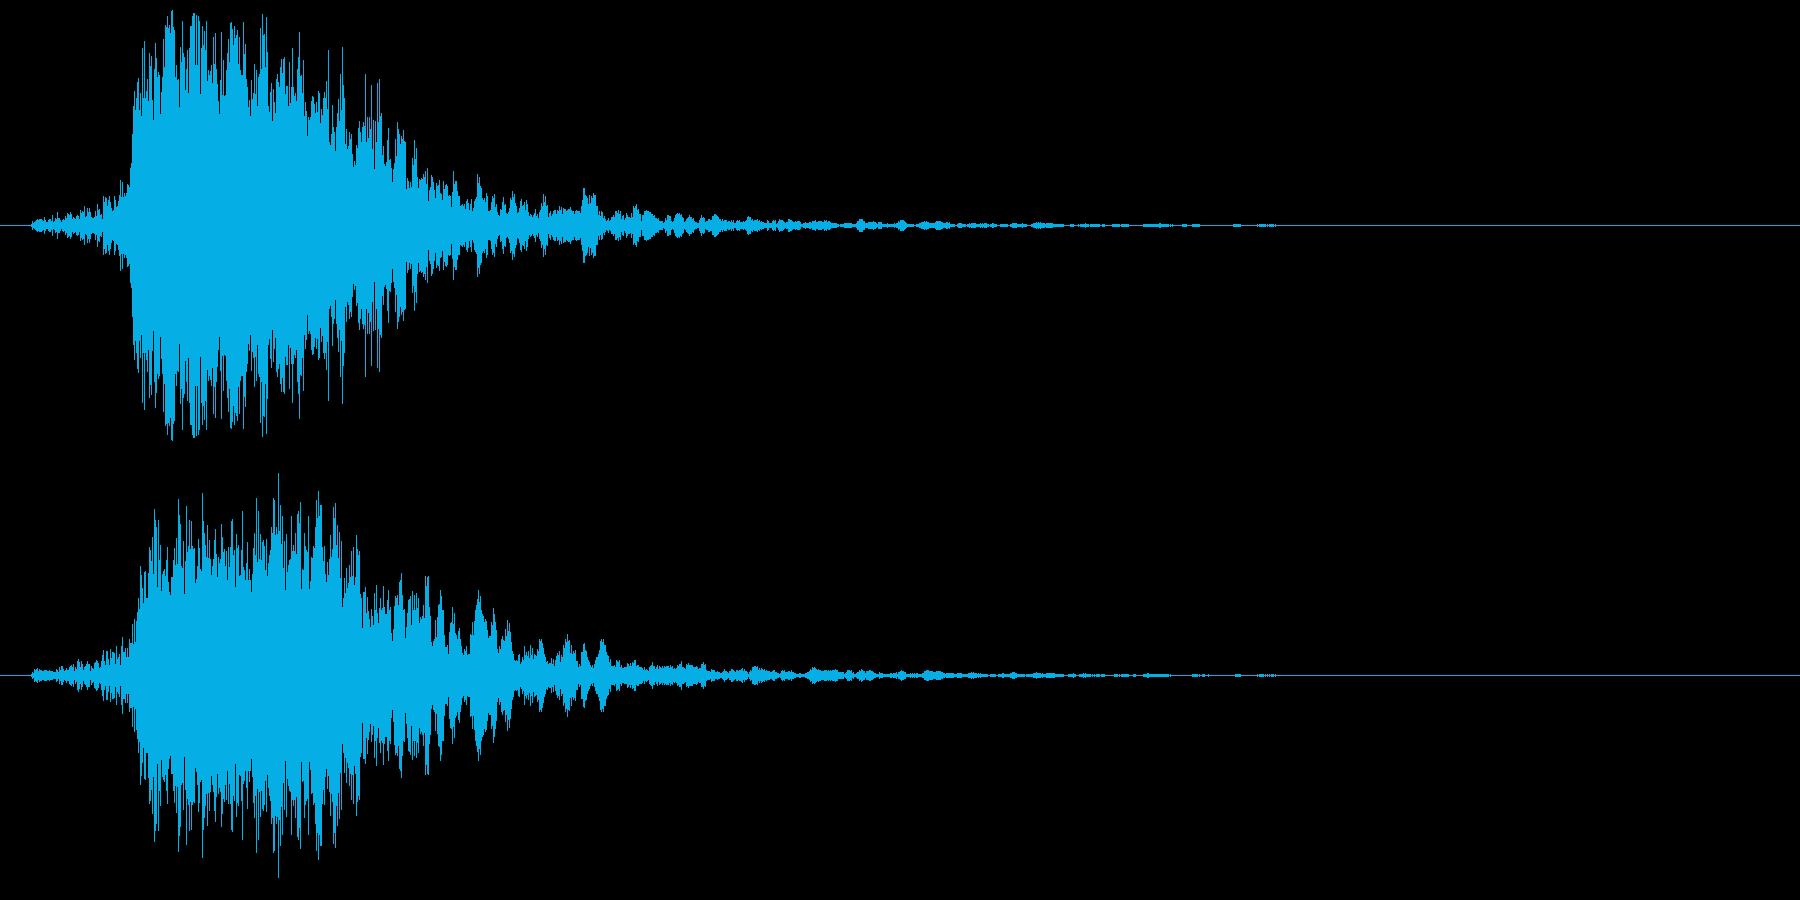 シャキーン! ド派手なインパクトに40bの再生済みの波形